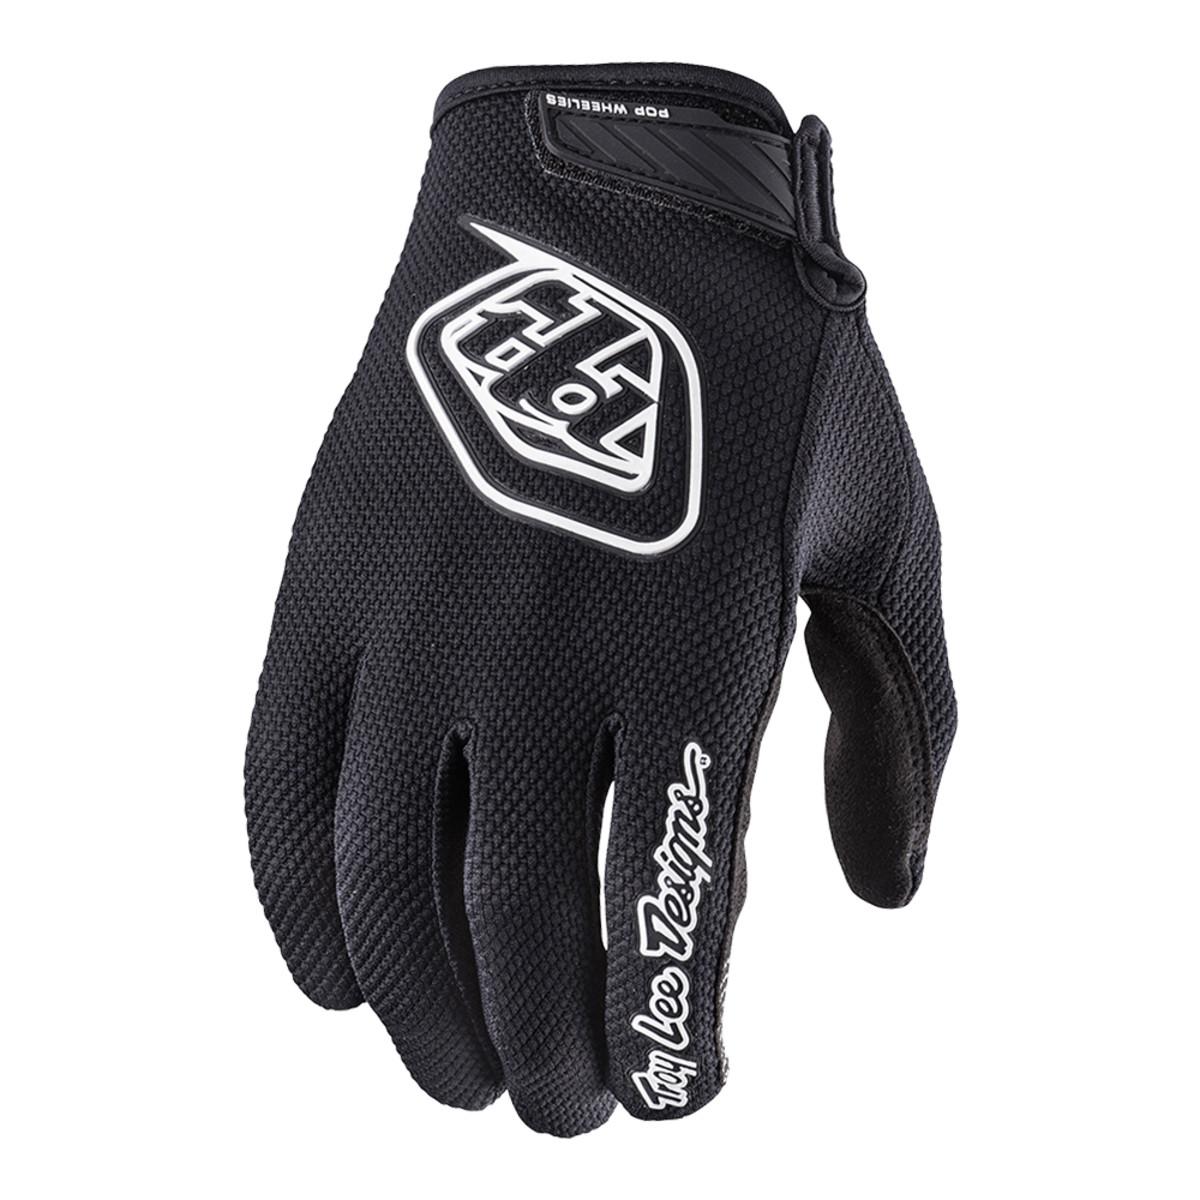 Перчатки Troy Lee Designs Air Glove, черные